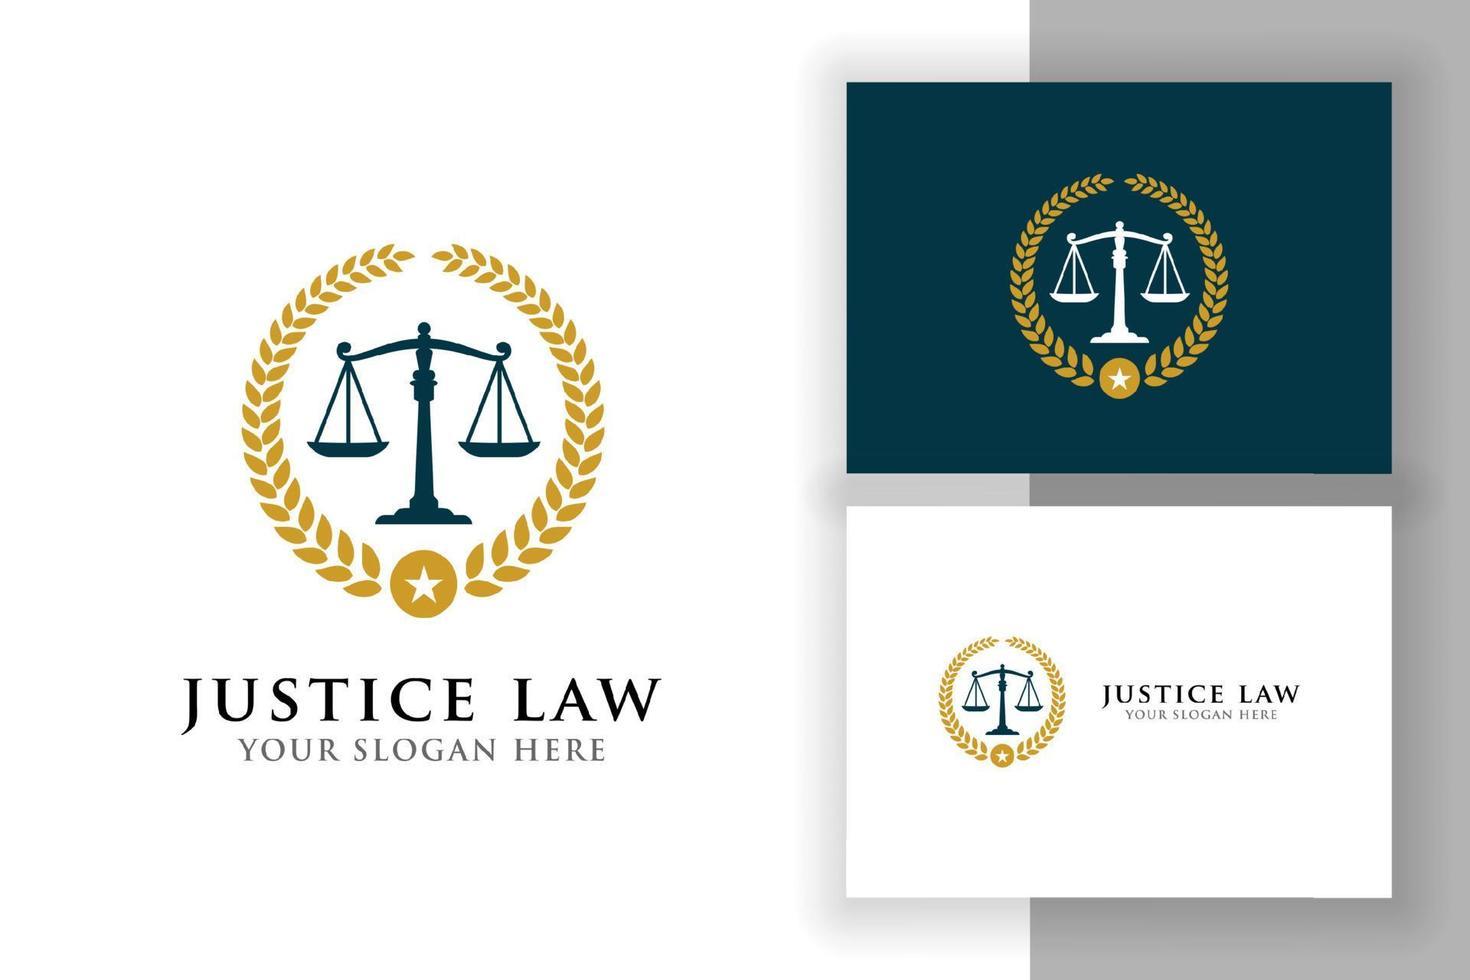 modelo de design de logotipo de distintivo de lei de justiça com ilustração vetorial de escalas vetor